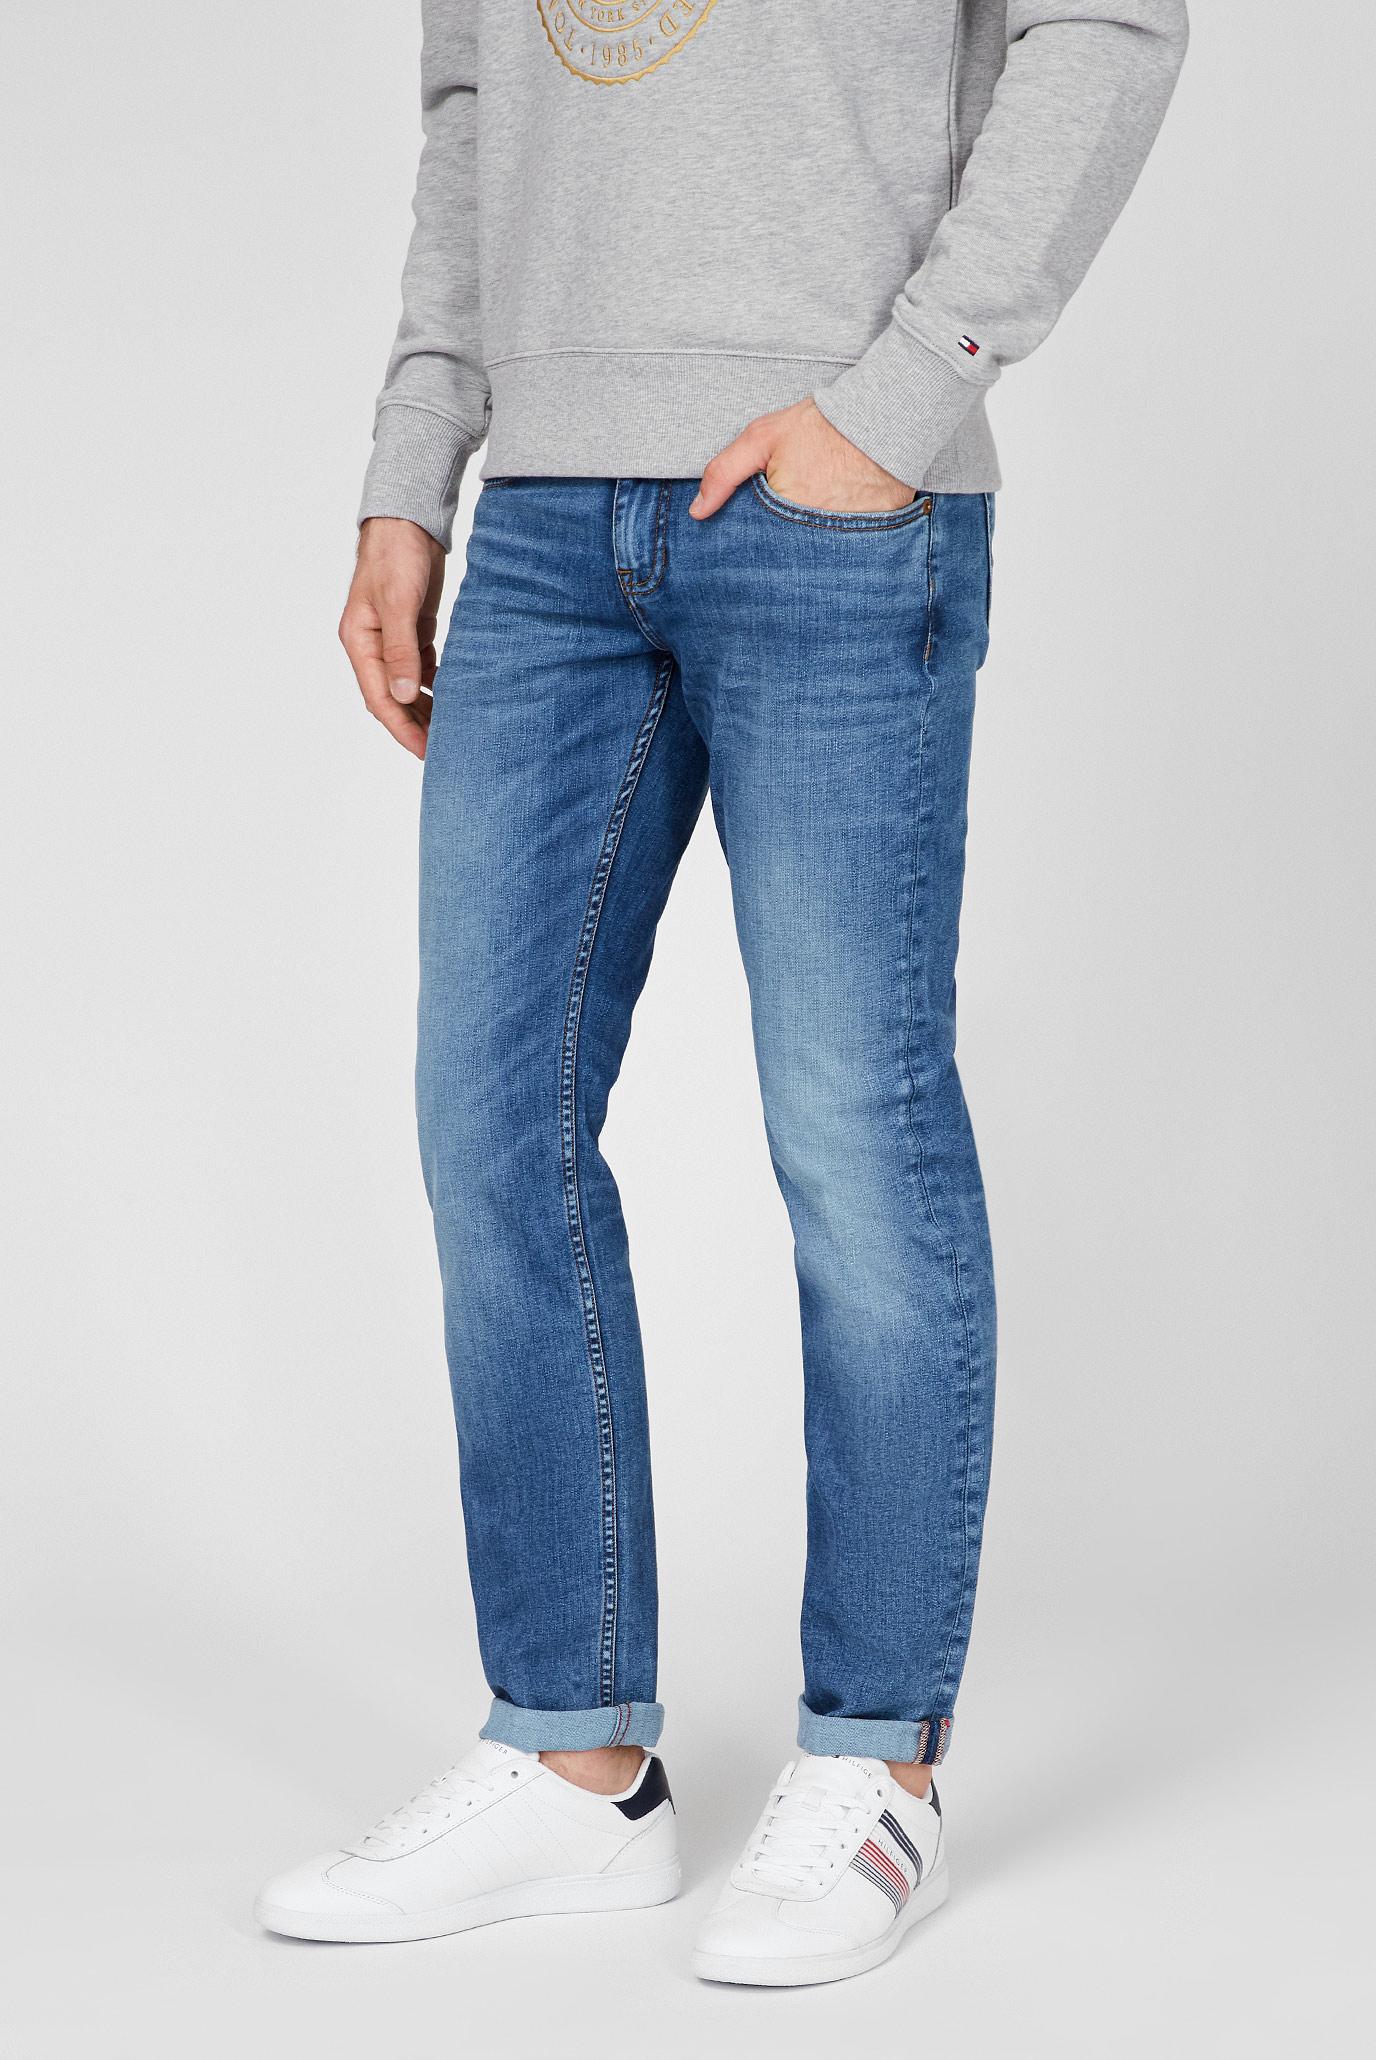 Мужские синие джинсы STRAIGHT DENTON PSTR LEAD 1